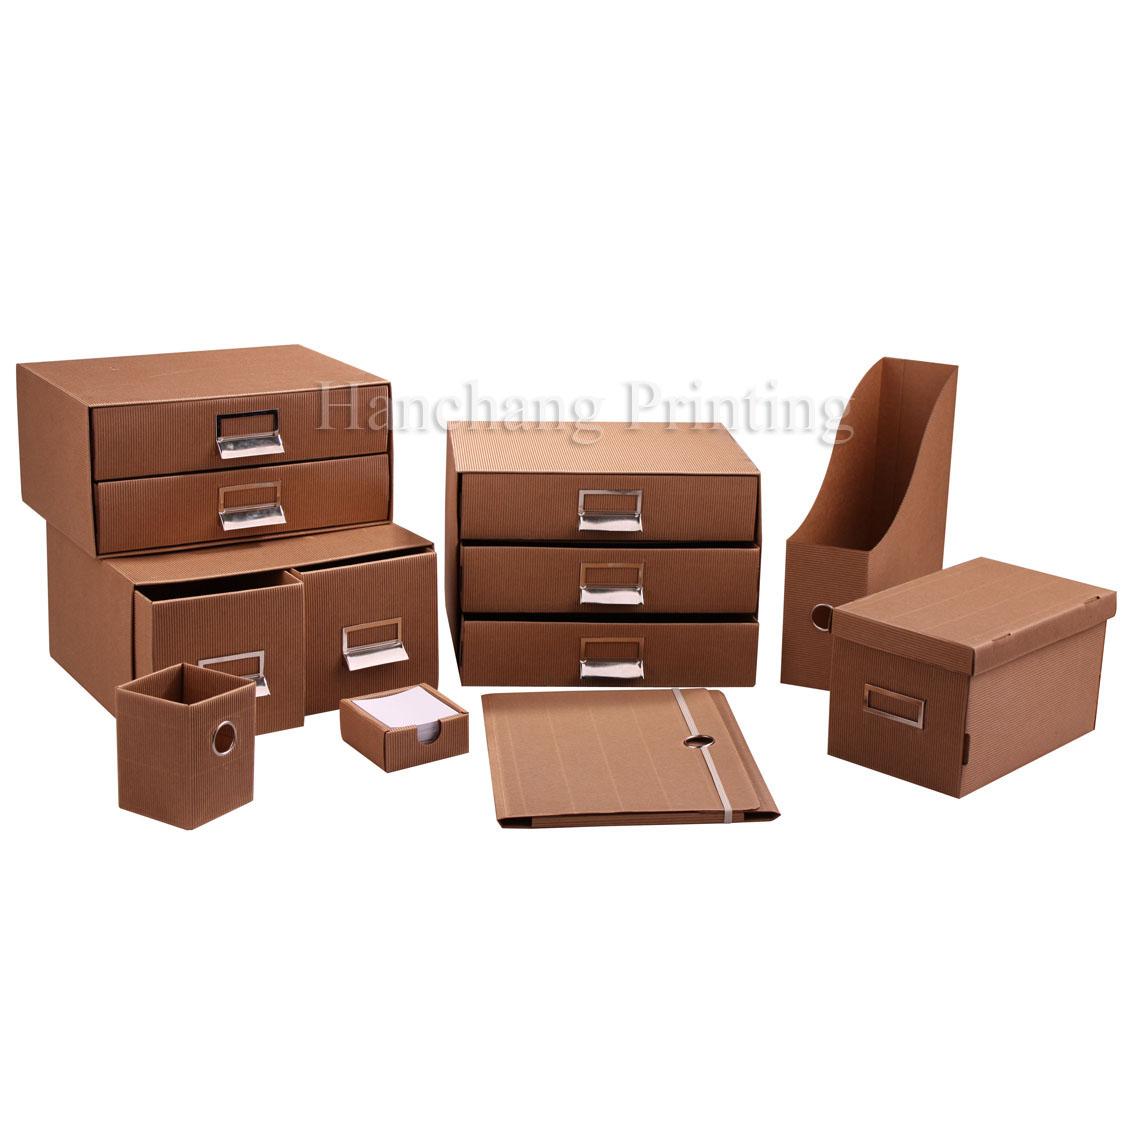 Eco friendly bureau papeterie buy product on for Bureau papeterie